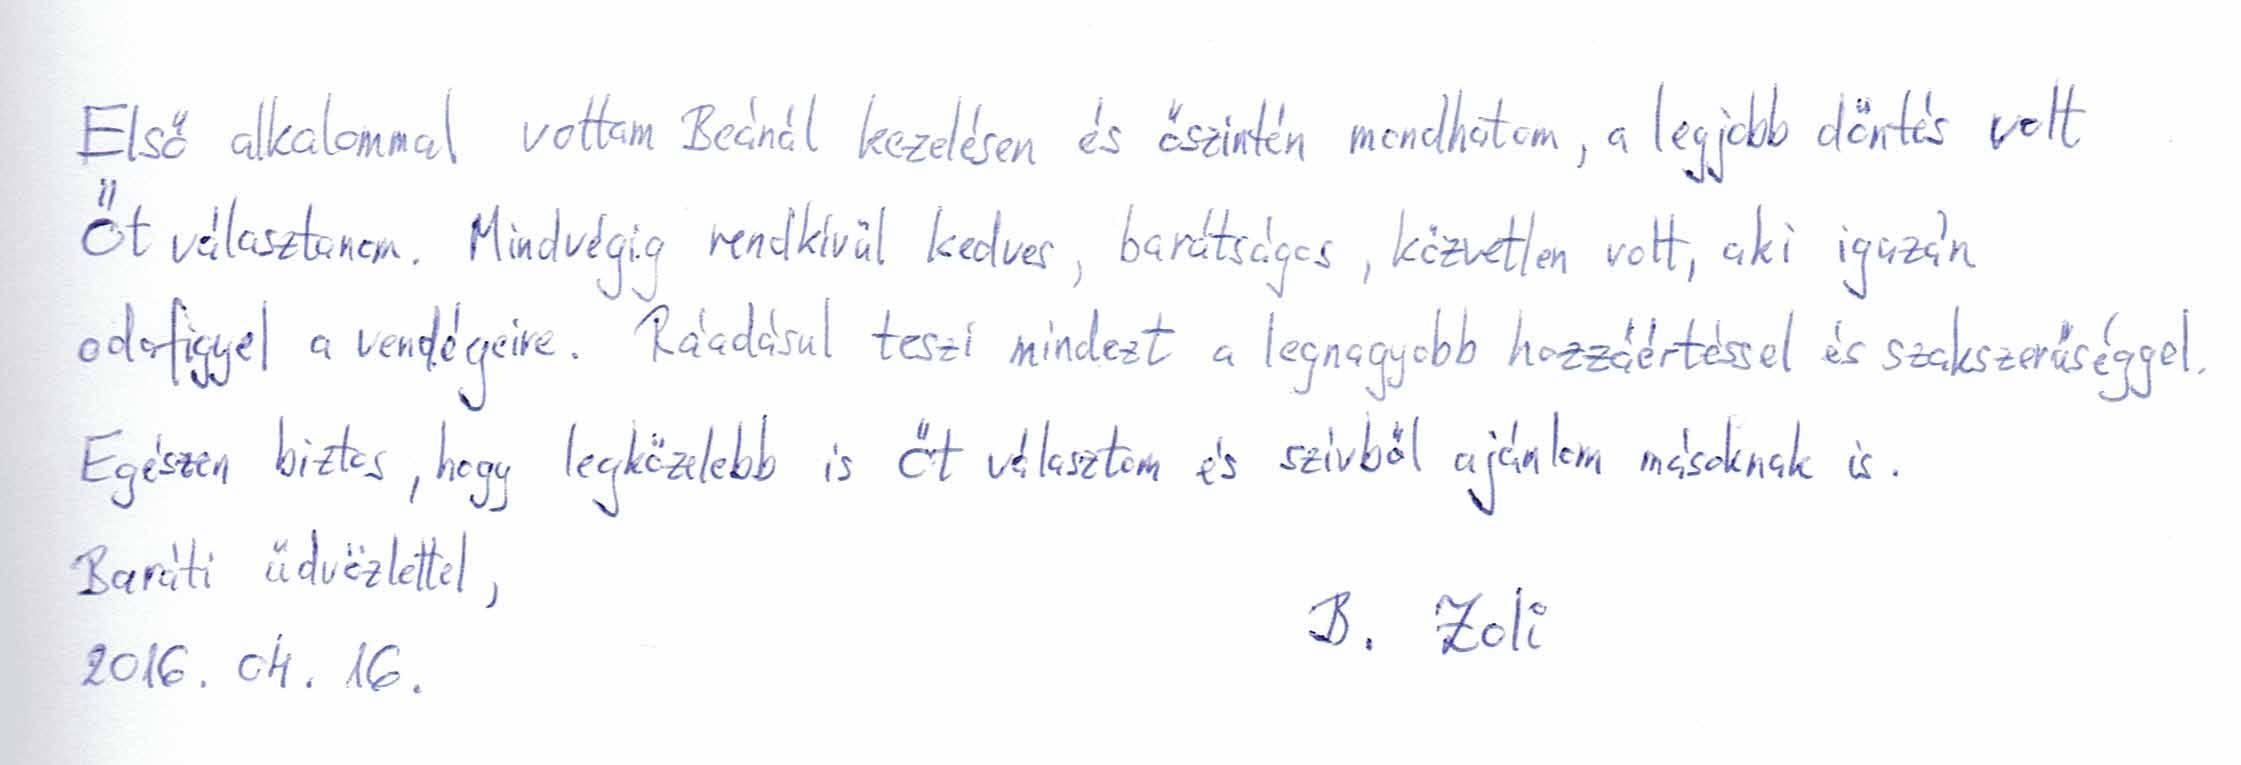 Vélemény Zoltántól